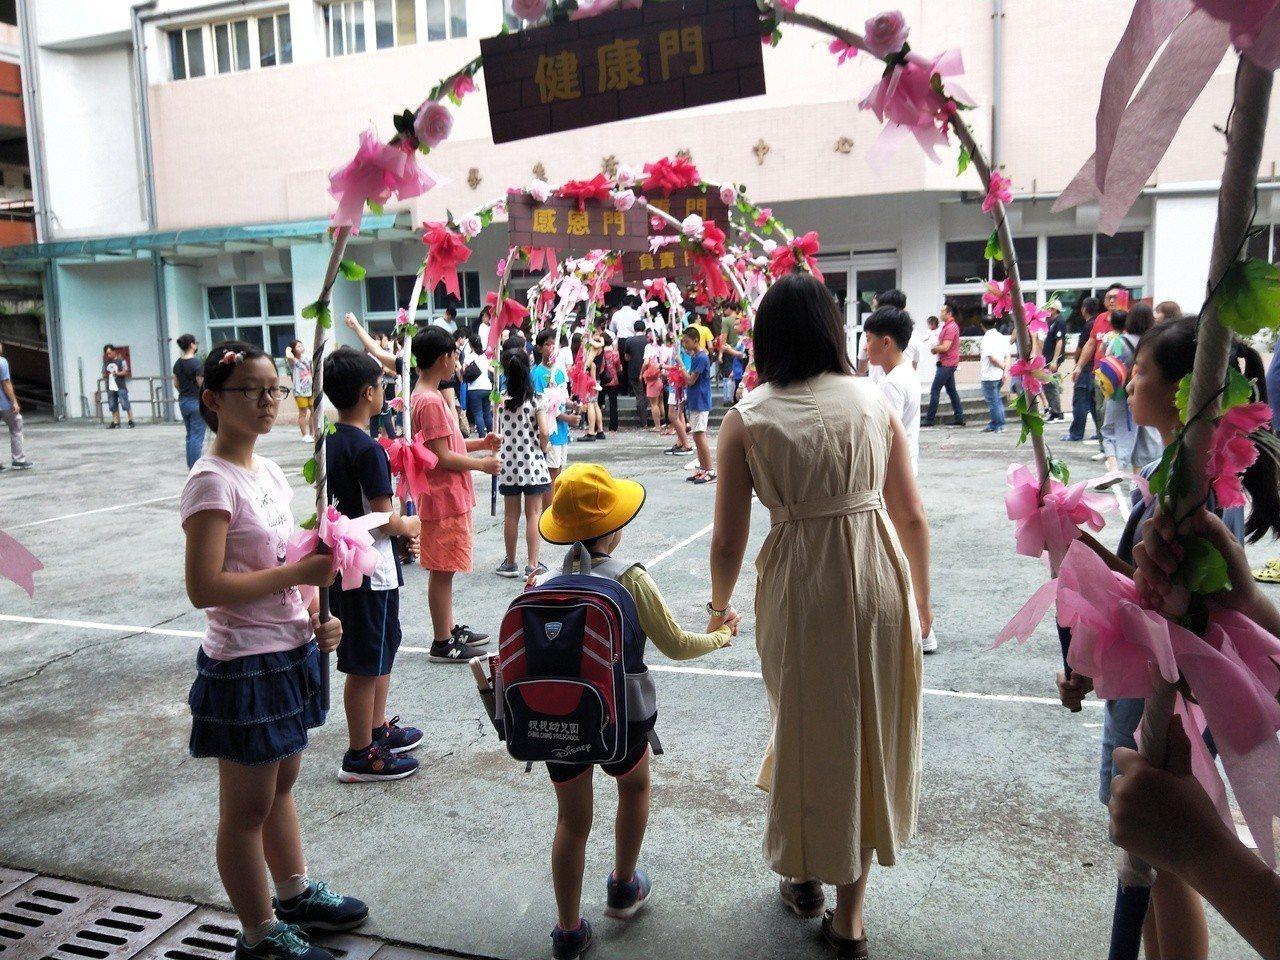 基隆市長林右昌上午7點40分到安樂國小進行開學迎新活動。記者游明煌/攝影